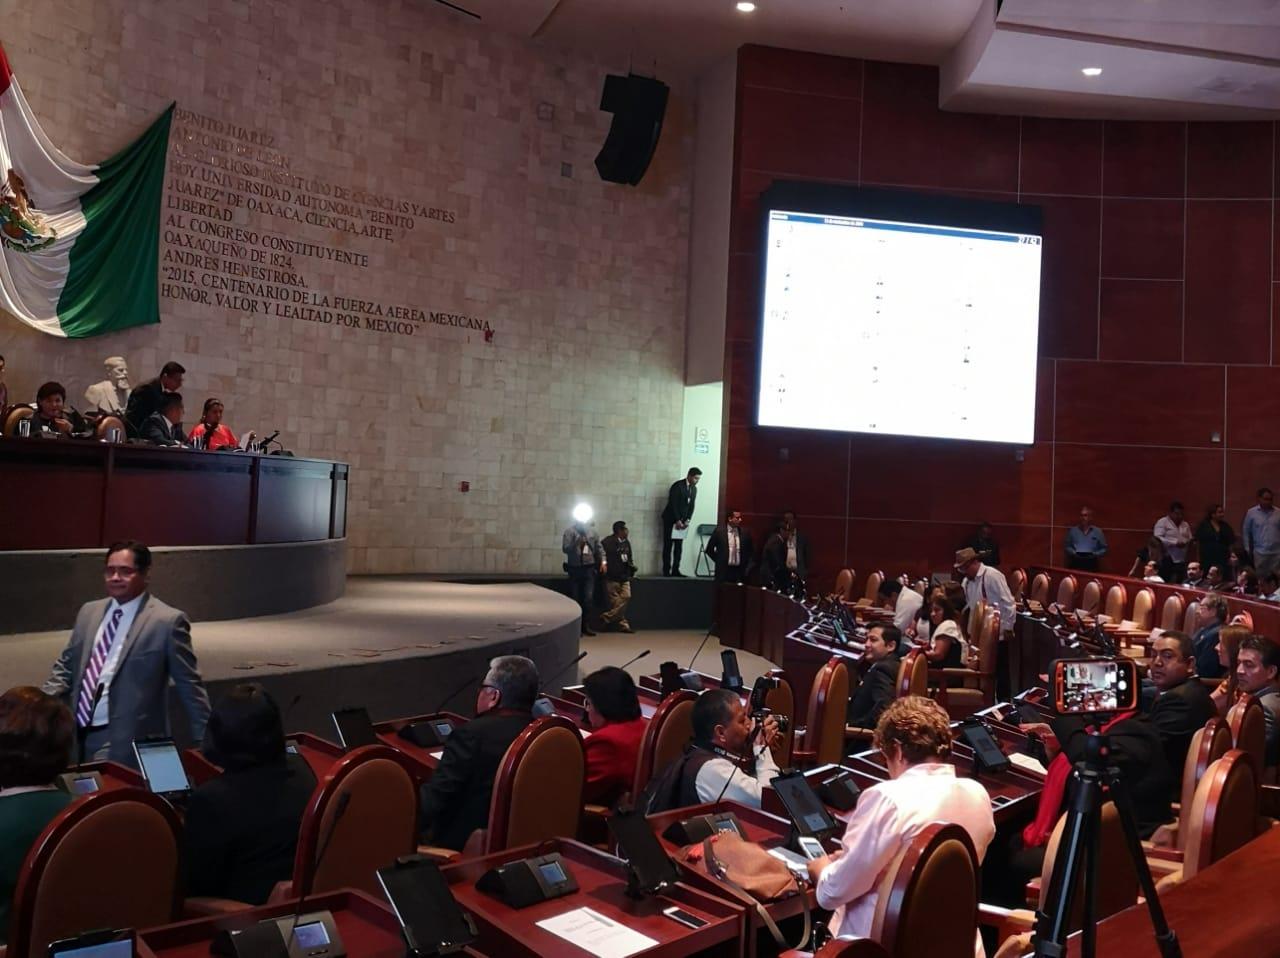 Nuevos diputados, viejas prácticas; impuntualidad en el inicio de sesiones en Oaxaca   El Imparcial de Oaxaca